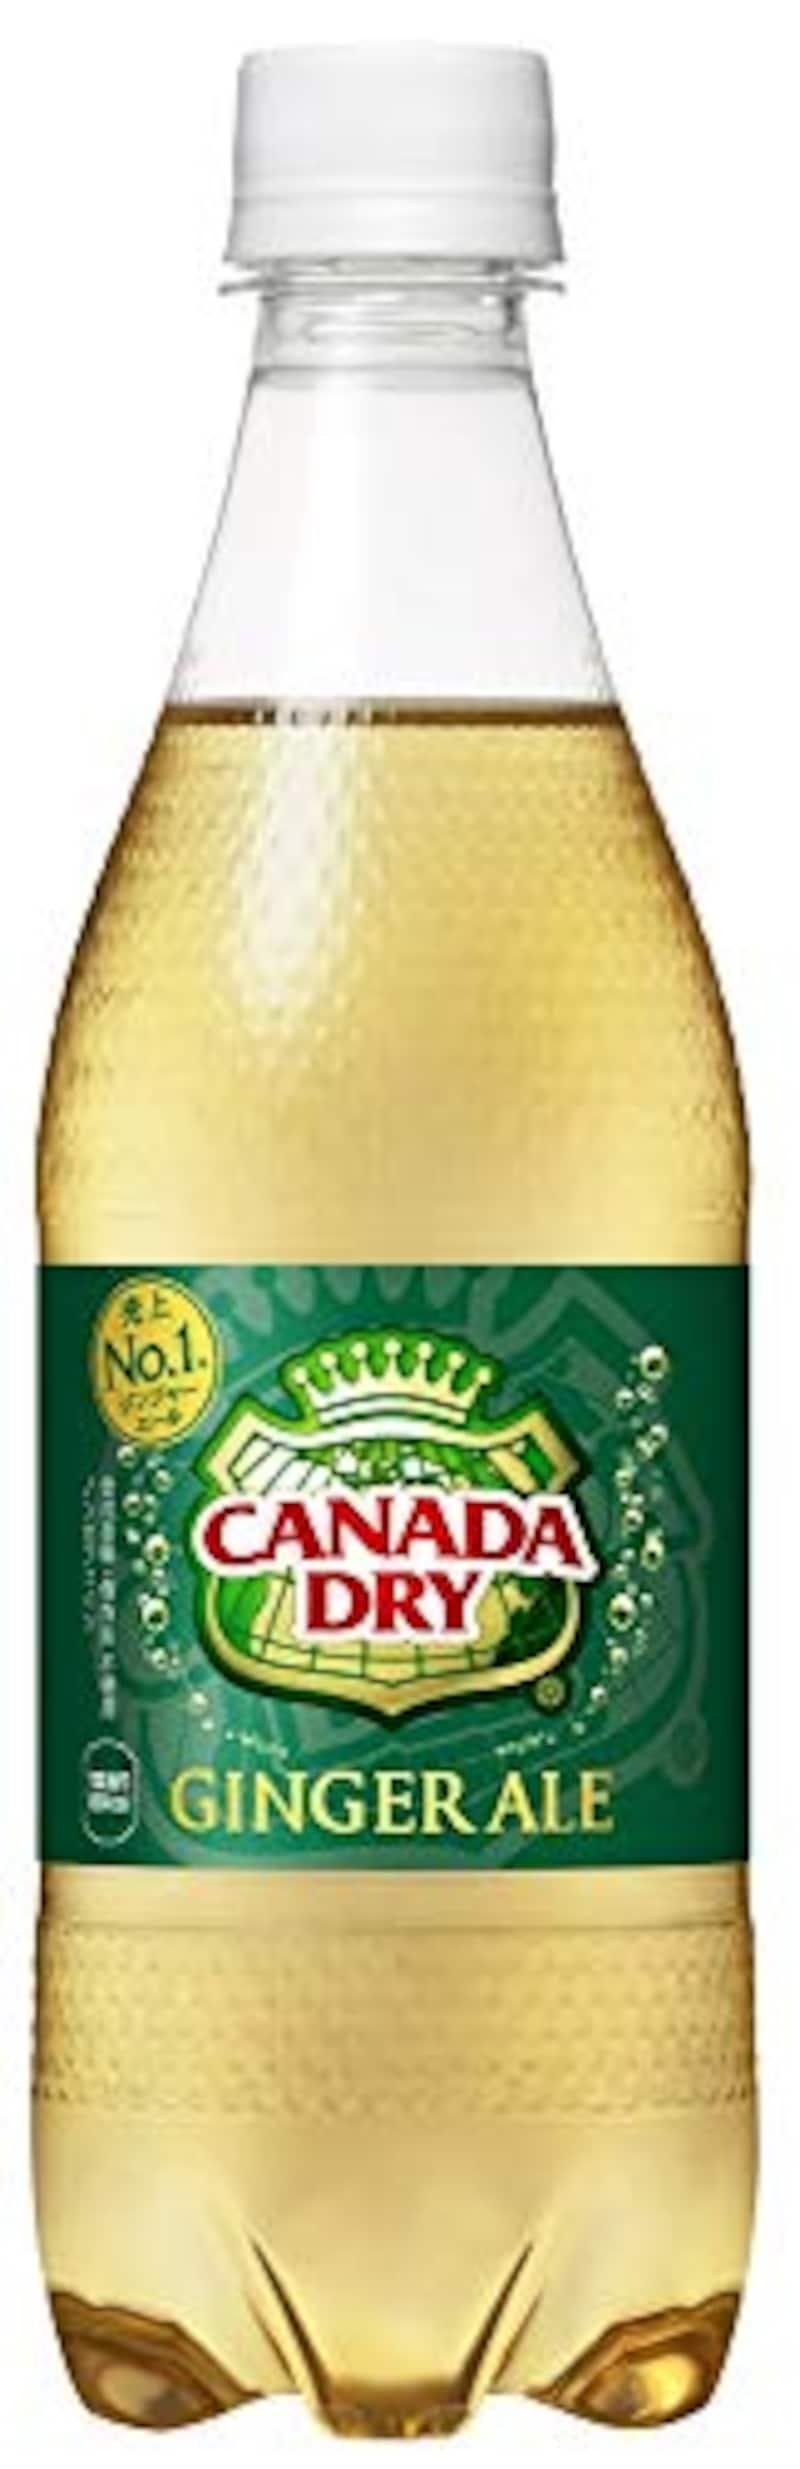 コカ・コーラ,カナダドライ ジンジャーエール